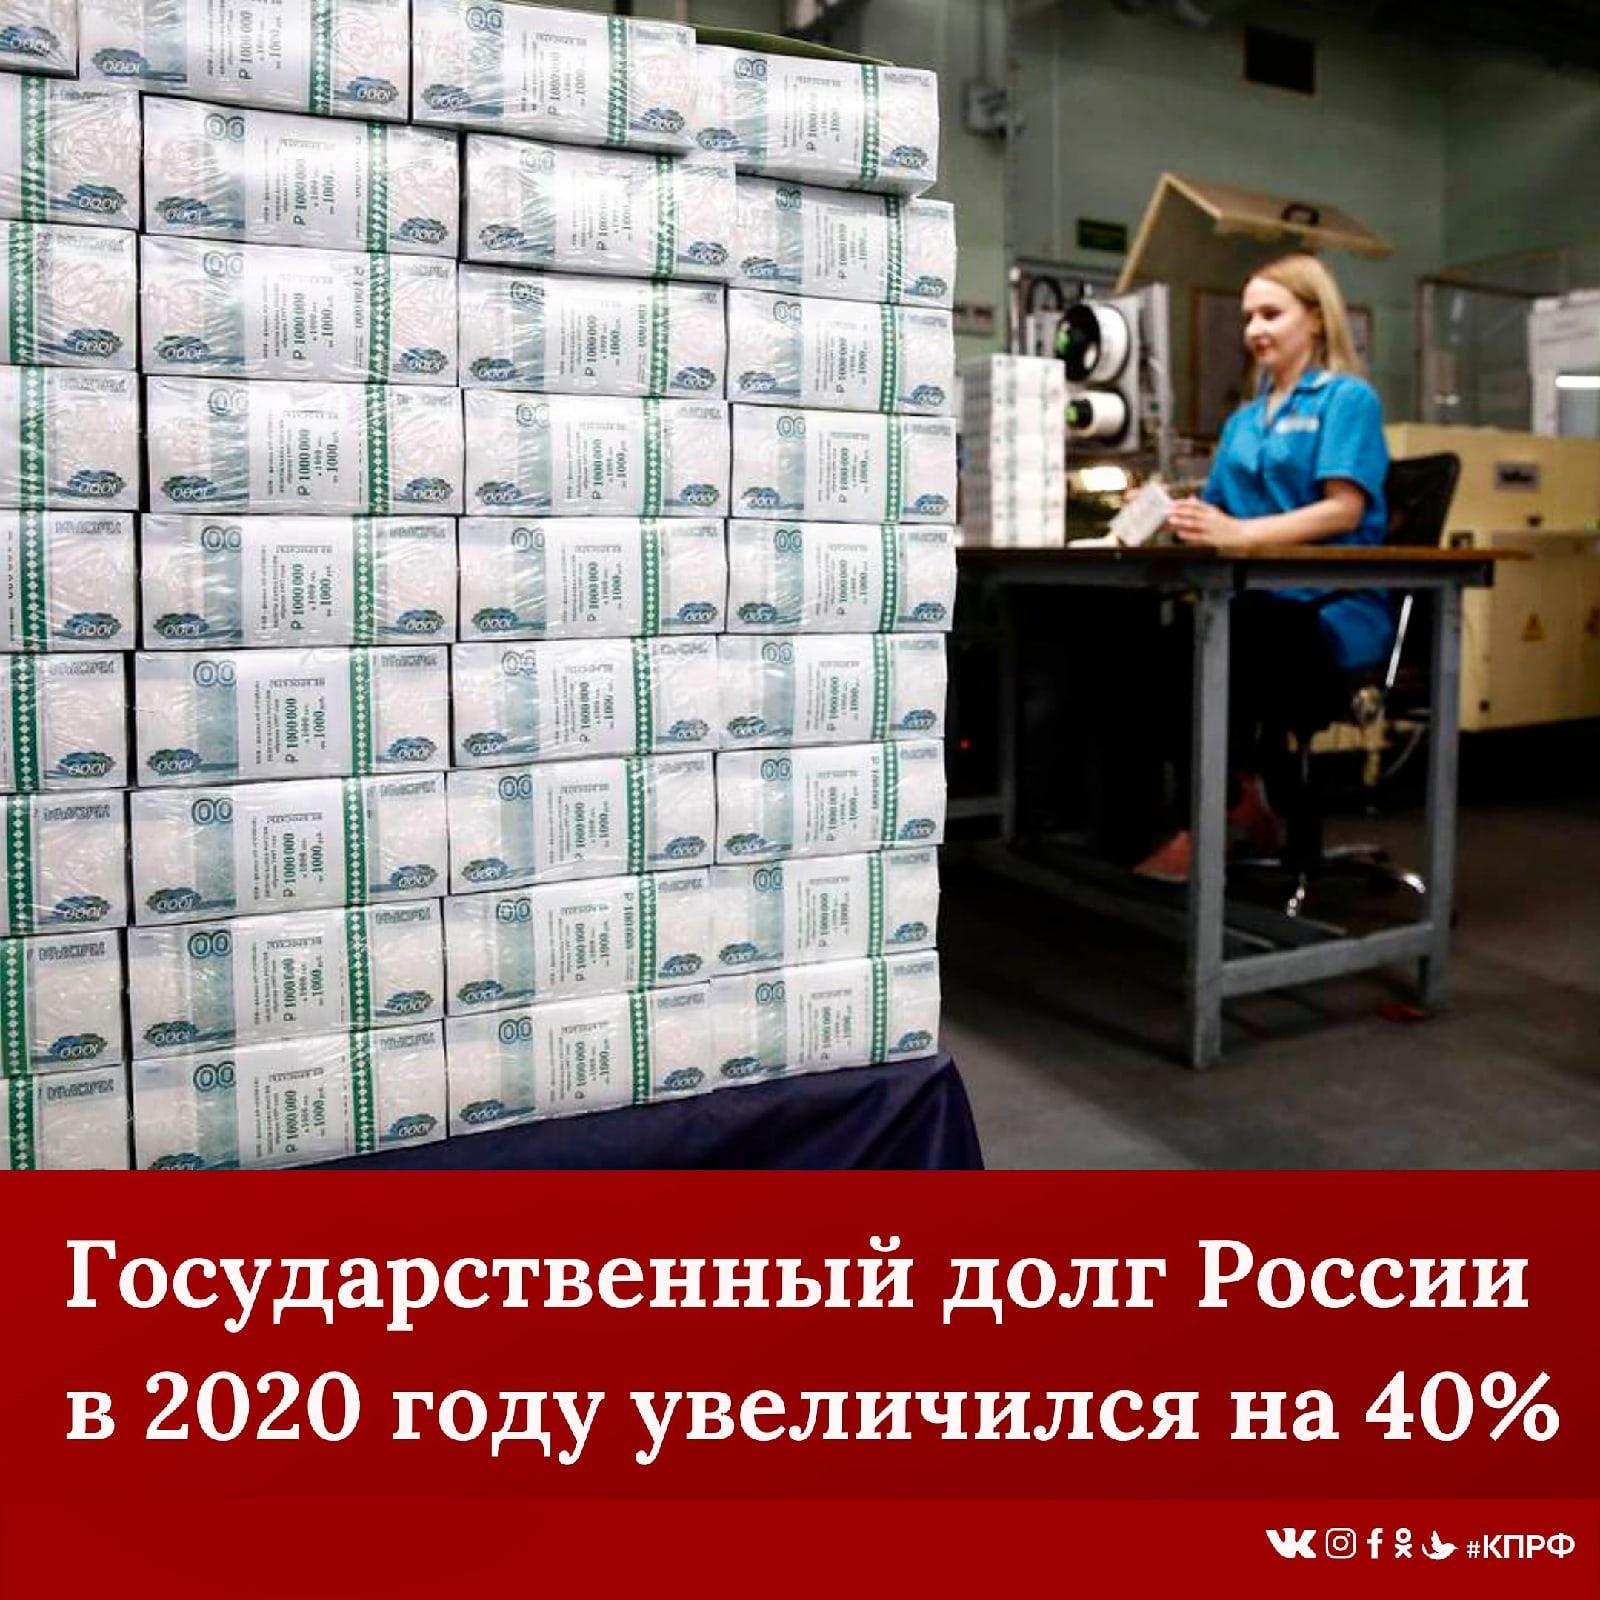 Государственный долг РФ в 2020 году увеличился на 5,4 трлн. рублей – до 18,99 трлн. рублей.